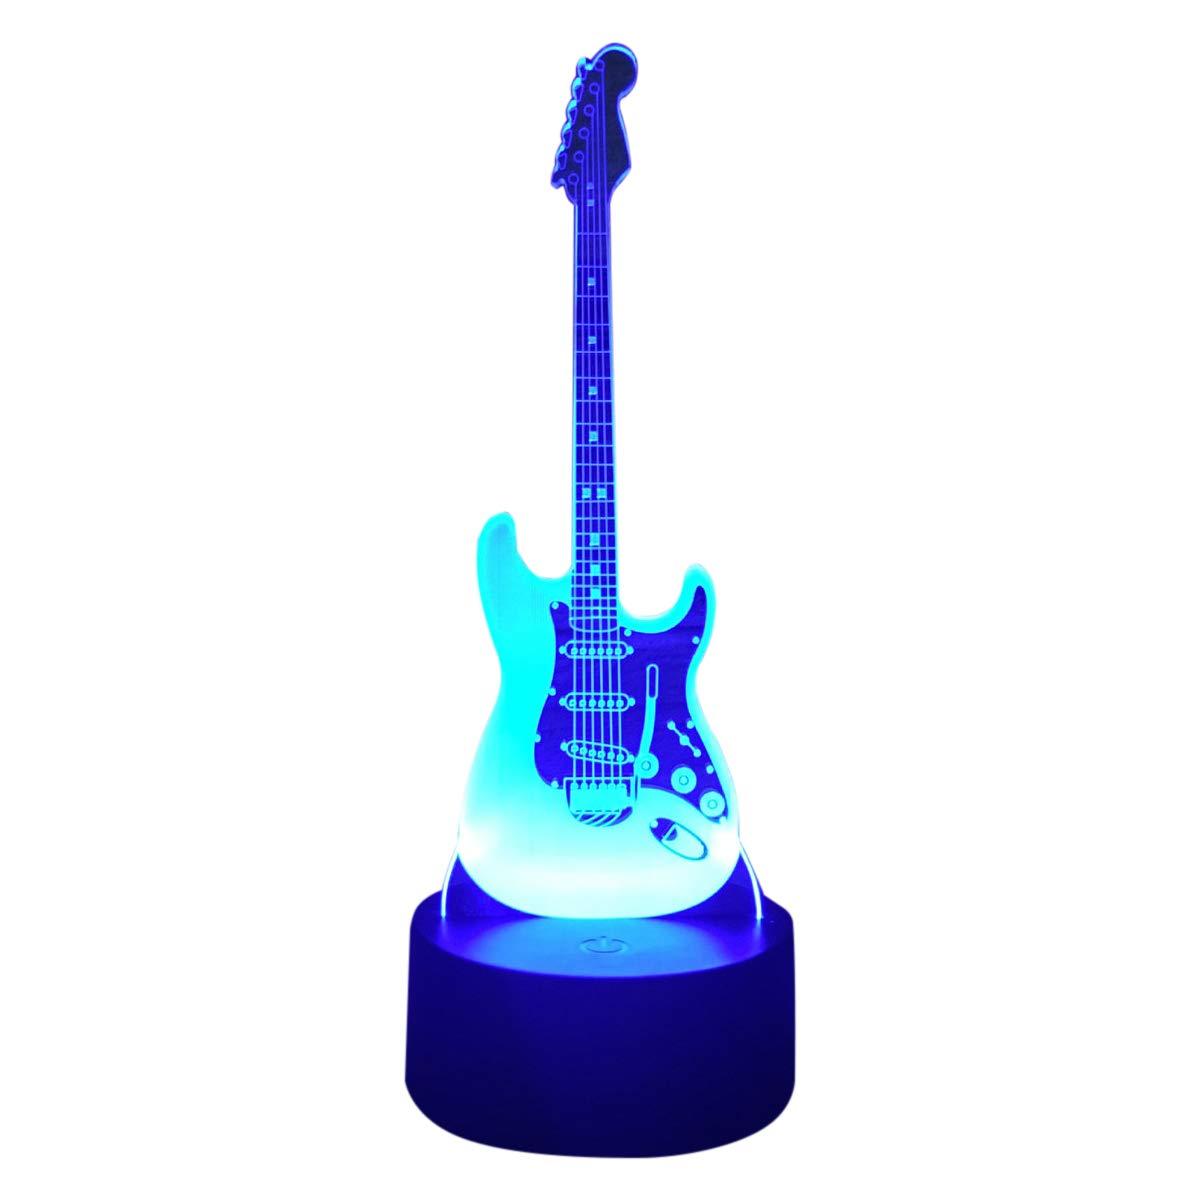 3D Lampe Illusion Optique LED Veilleuse, EASEHOME Optiques Illusions Lampe de Nuit 7 Couleurs Tactile Lampe de Chevet Chambre Table Art Déco Enfant Lumière de Nuit avec Câble USB, Guitare